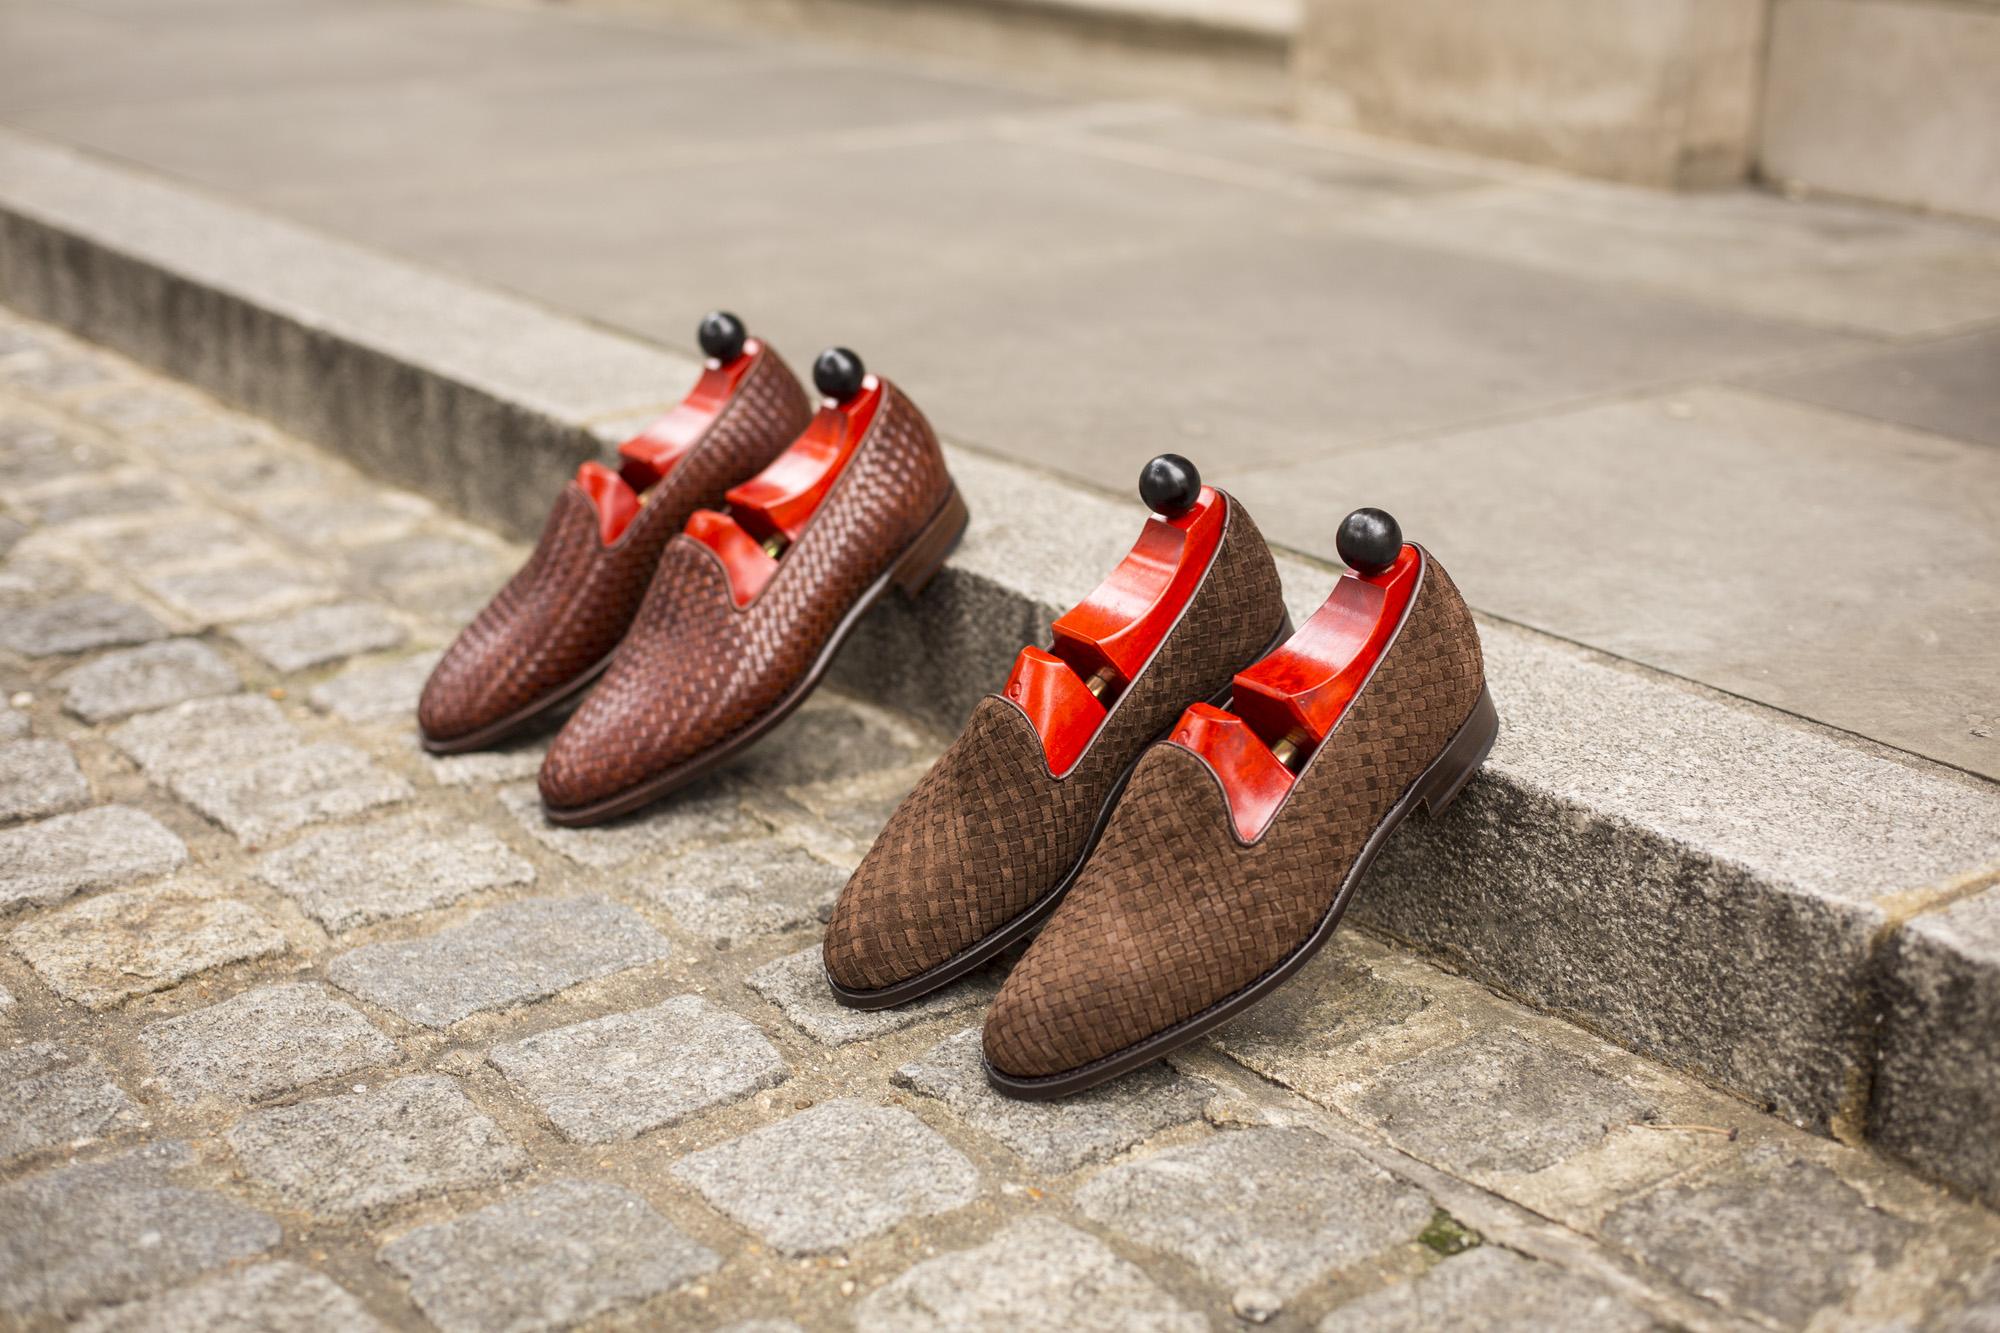 f3d0e9b58b6 J.FitzPatrick Footwear 2018 Summer Sale – 2nd Markdown